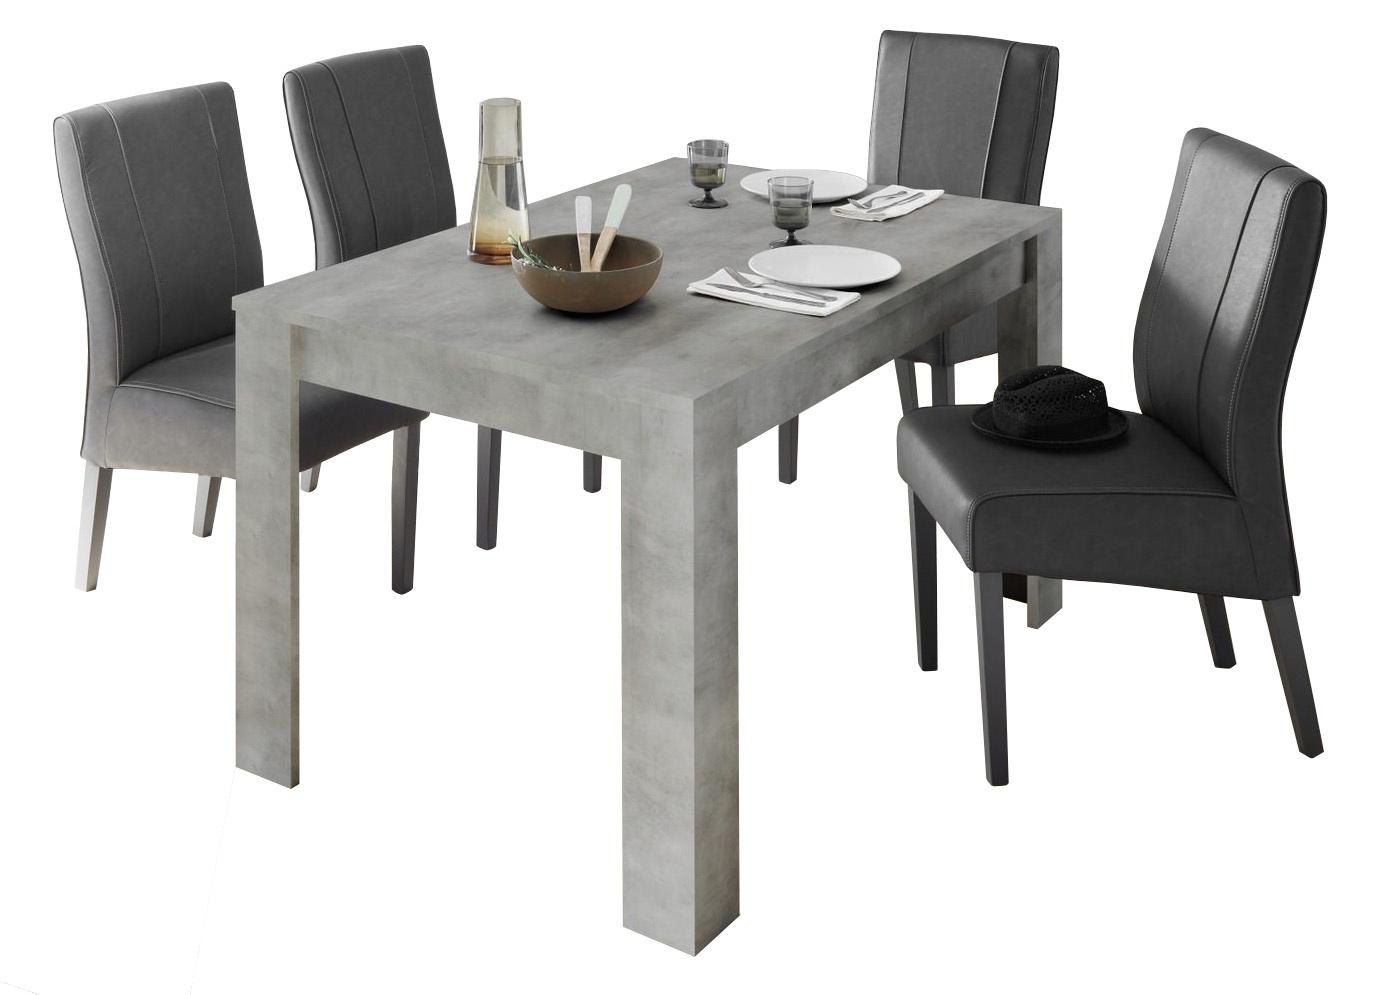 Uitschuifbare Eettafel Urbino 137 tot 185 cm breed in grijs beton